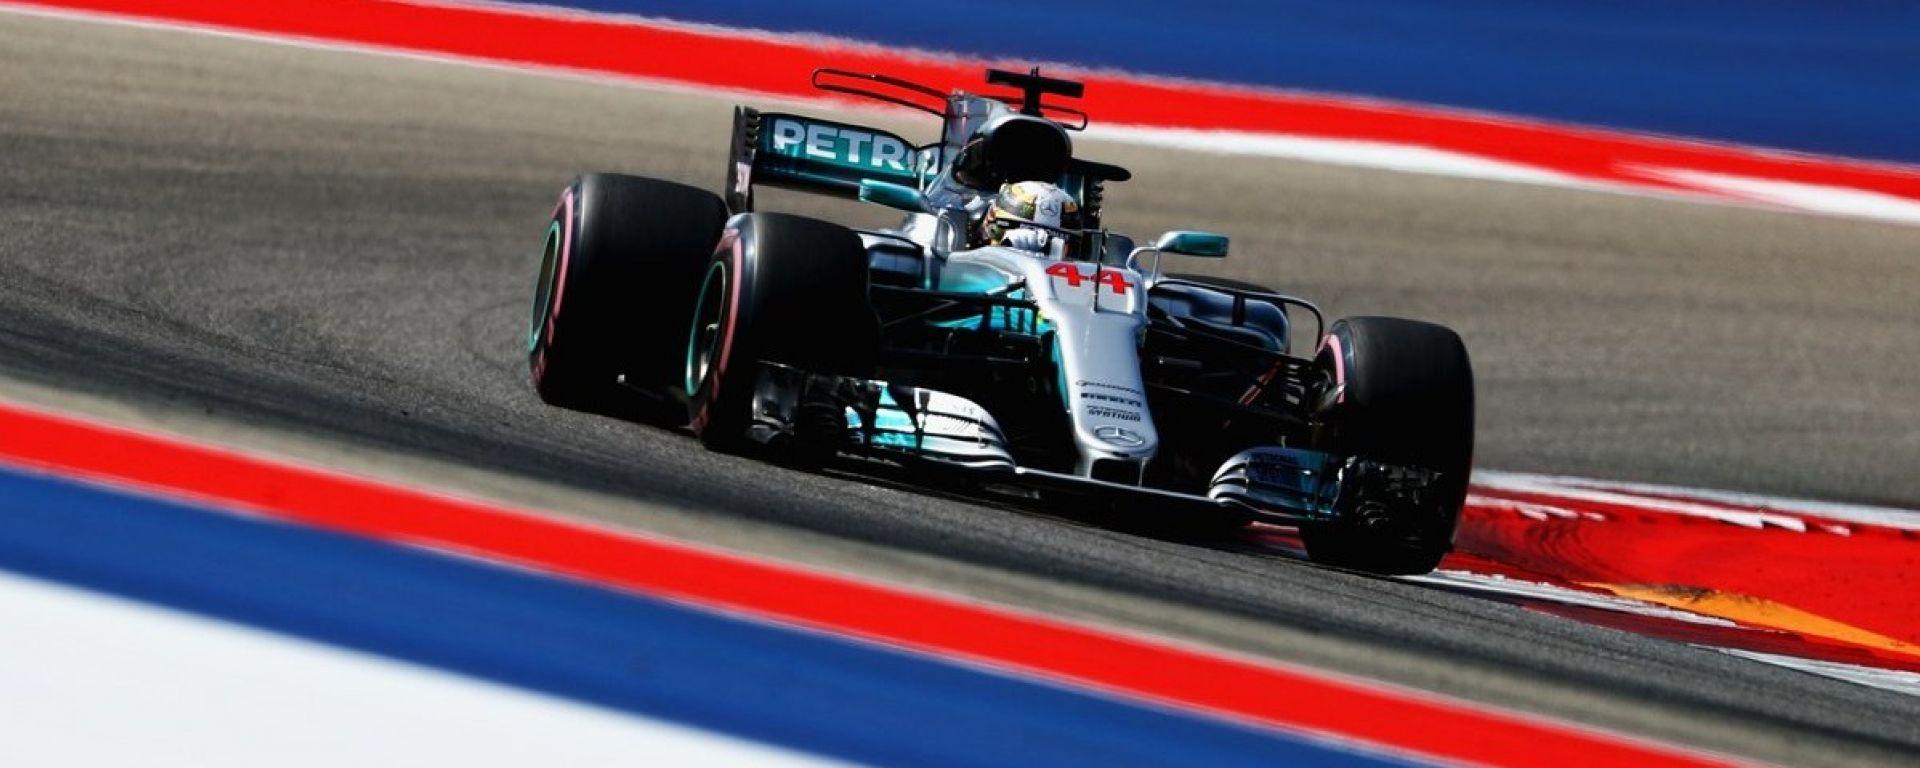 F1 2018 GP Stati Uniti